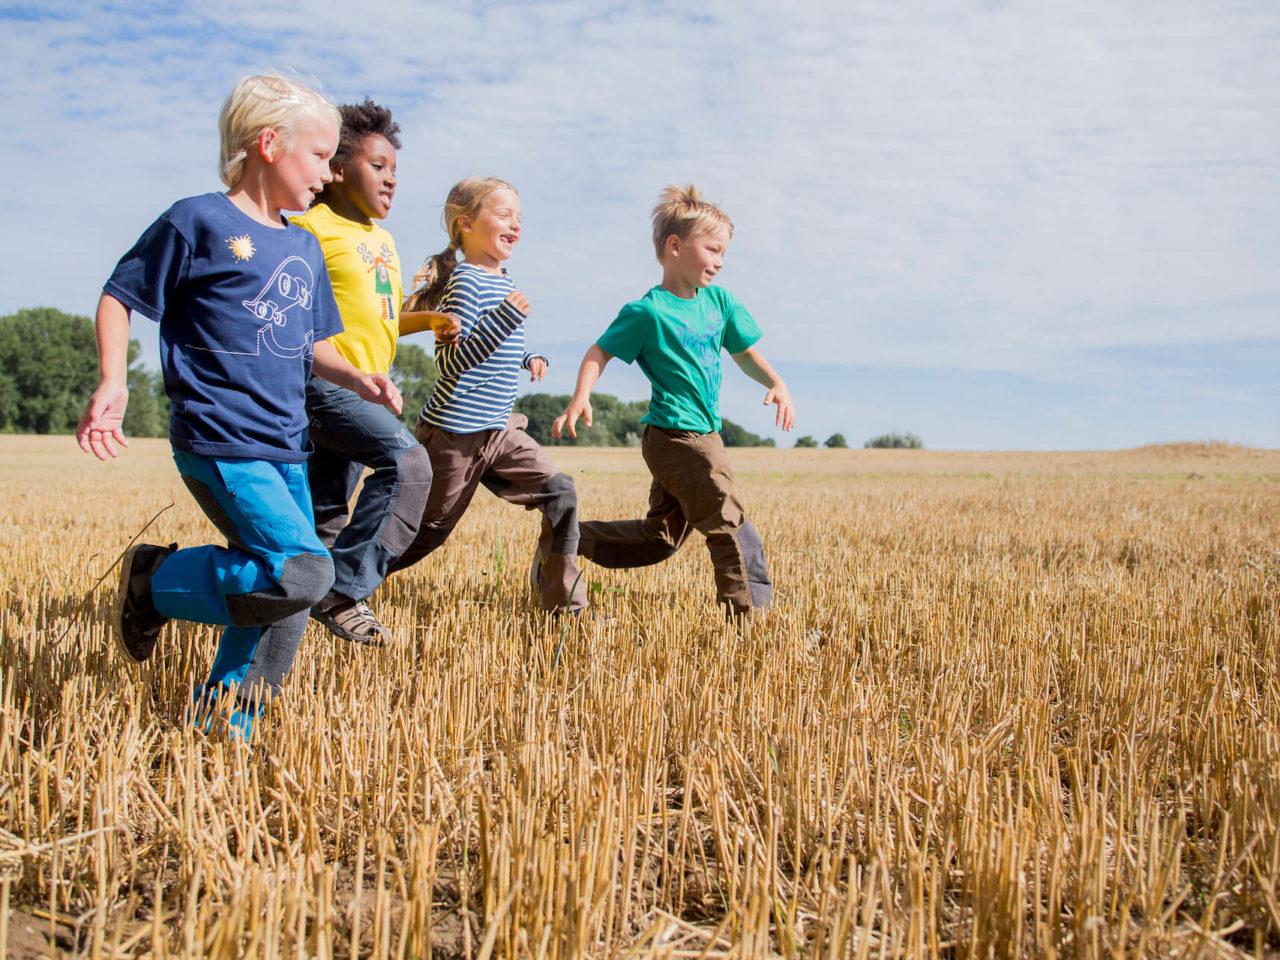 Drei Jungs und ein Mädchen in bunter Kindermode von Elli & Mai laufen üebr ein Feld